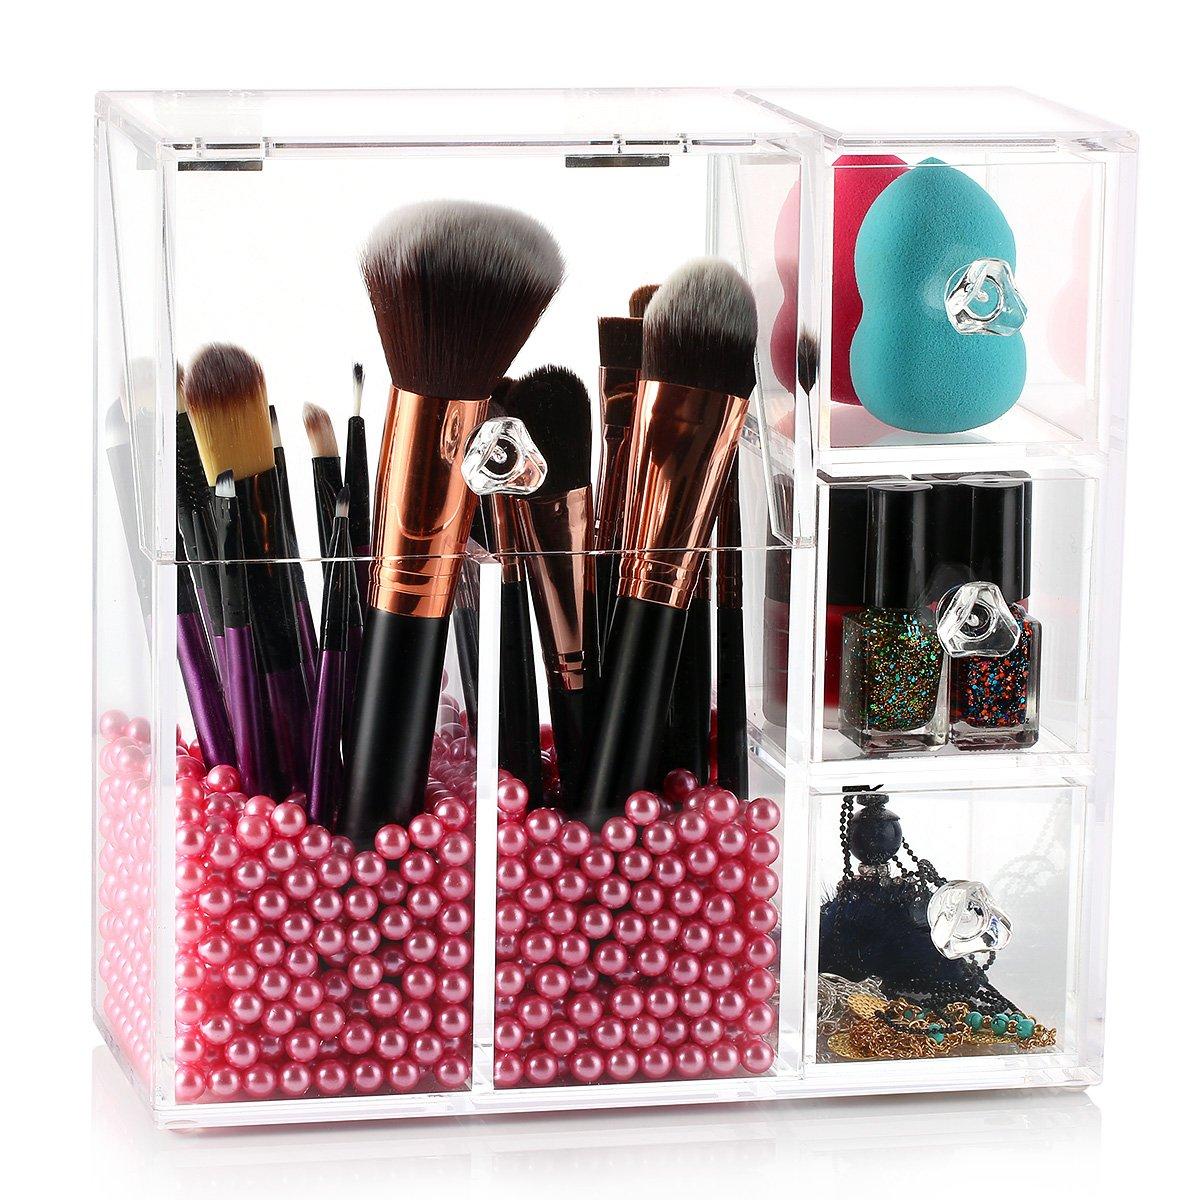 putwo large makeup brush holder acrylic makeup brushes holder clear makeup brush. Black Bedroom Furniture Sets. Home Design Ideas